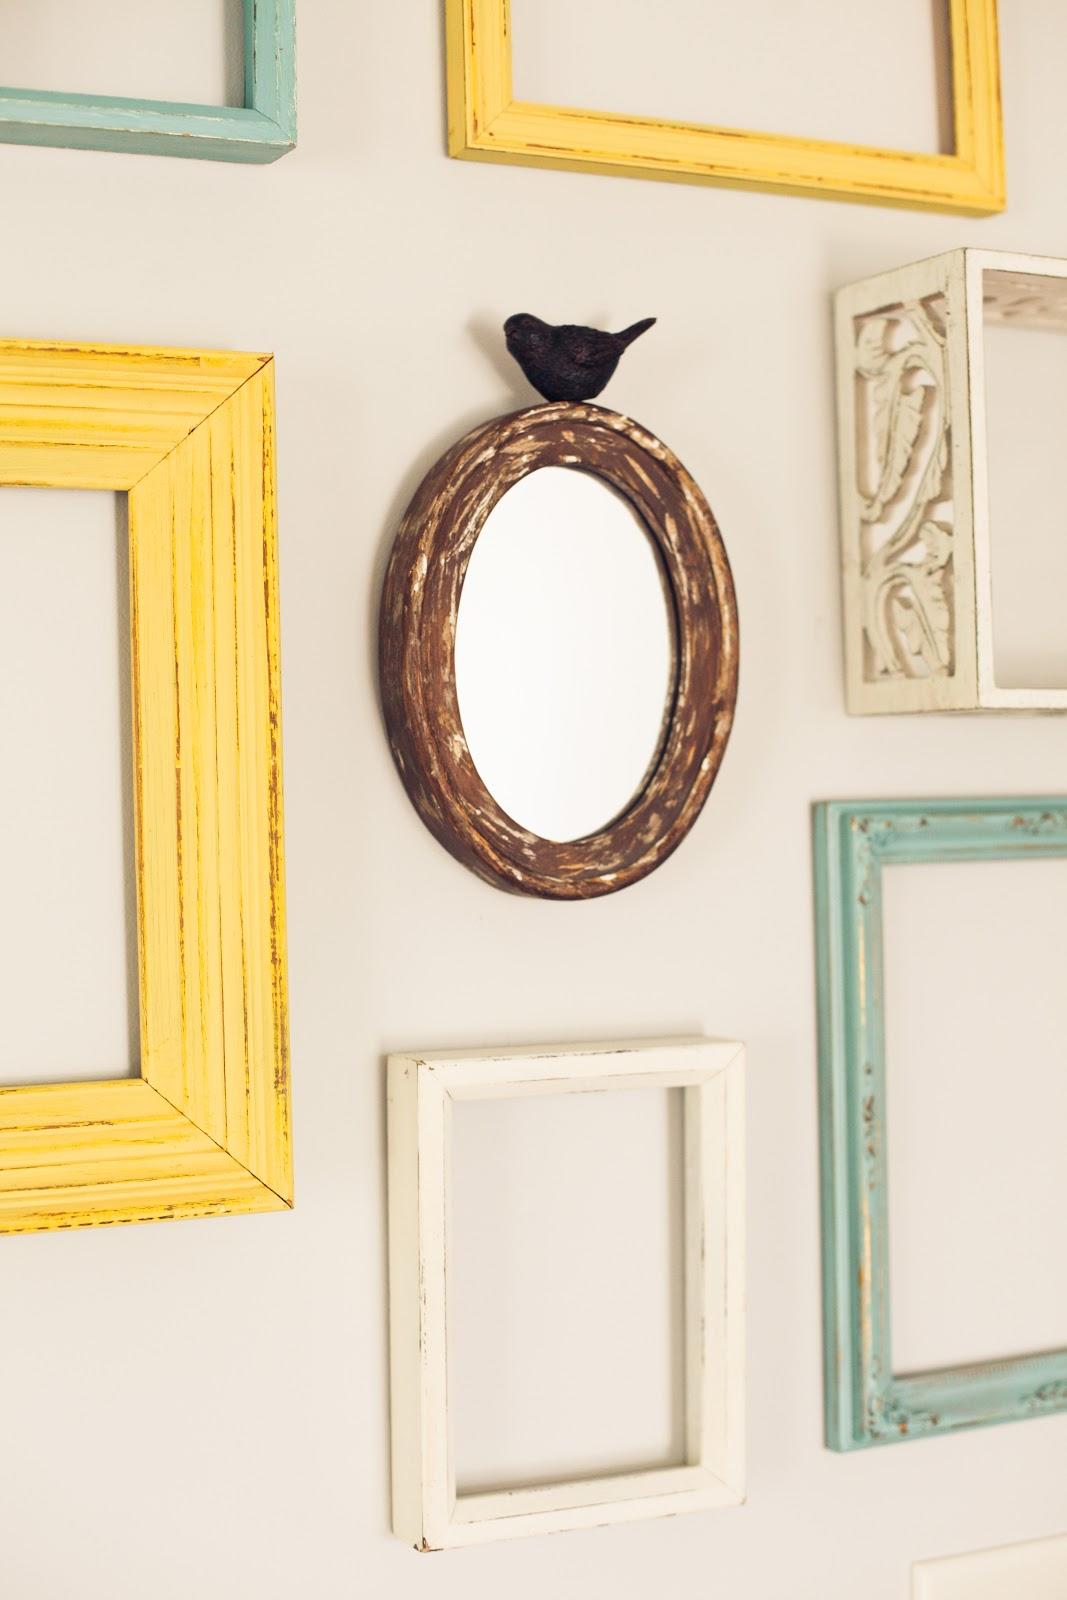 The Green Dresser.: Reusing empty frames for wall art